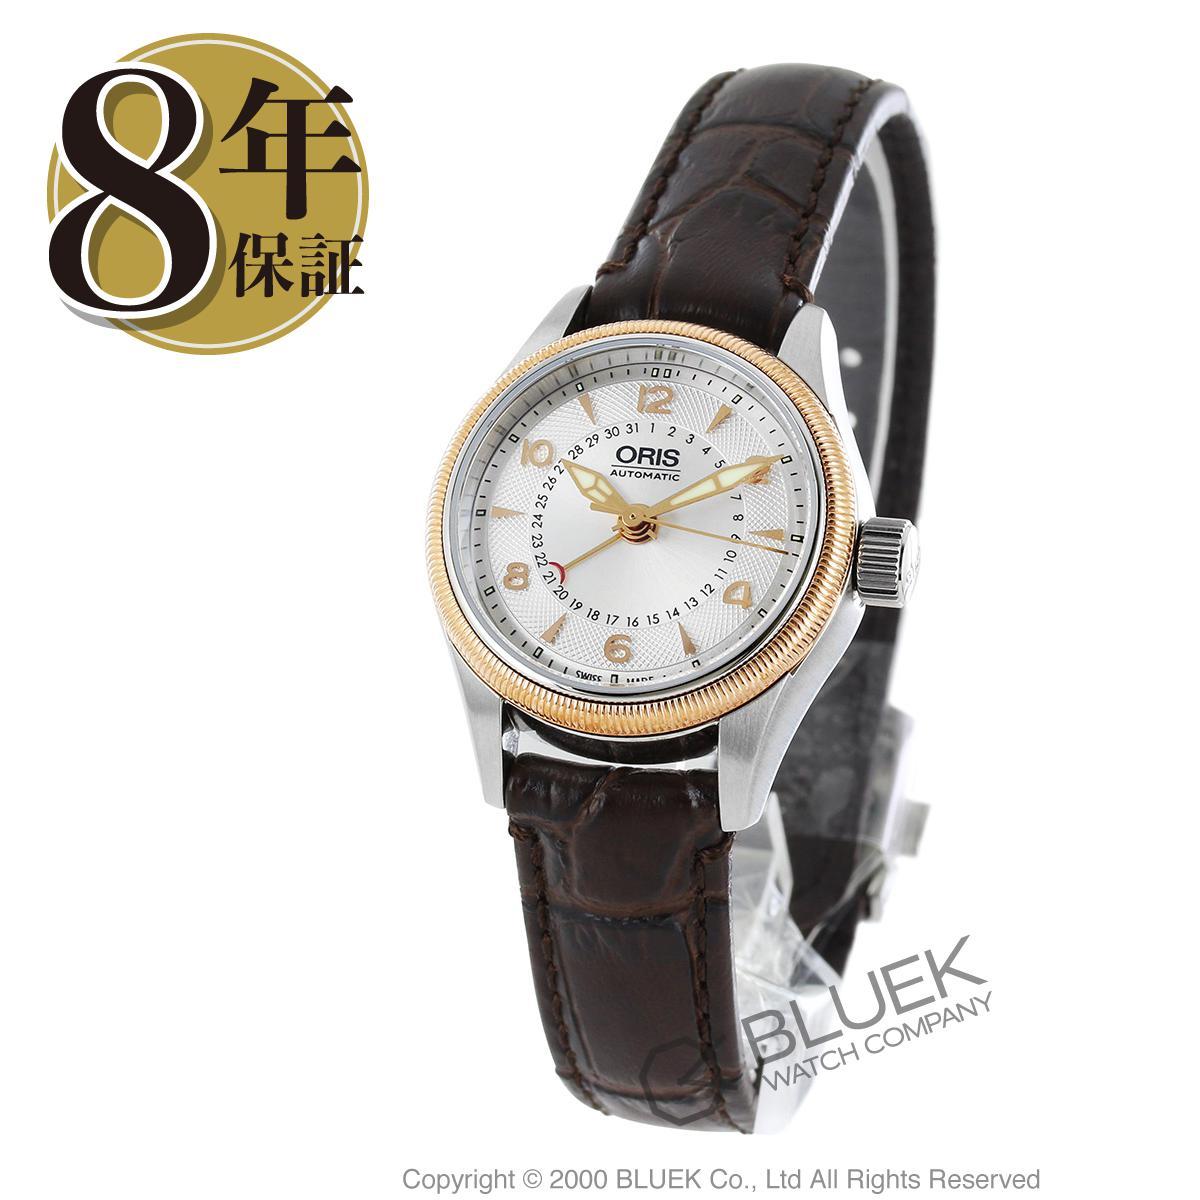 オリス ビッグクラウン 腕時計 レディース ORIS 594 7680 4361D_8